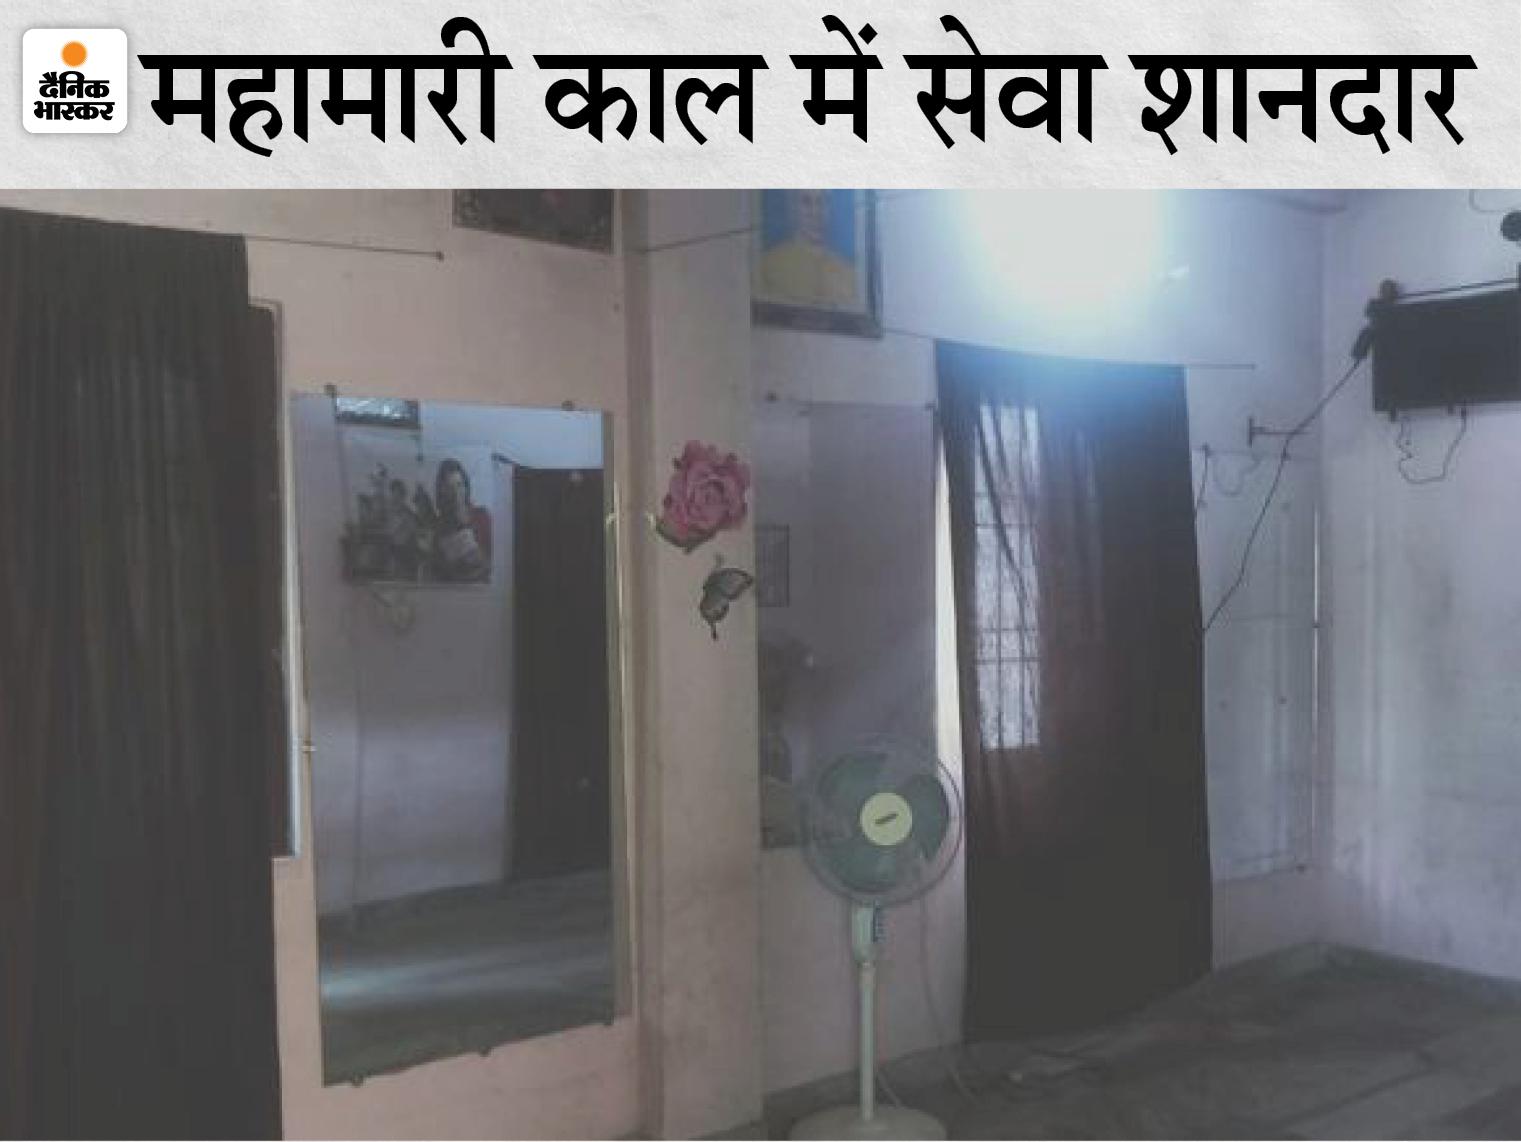 रमेश मिश्रा का घर, जिसे वे कोरोना मरीज के परिजनों को दे देते हैं। - Dainik Bhaskar